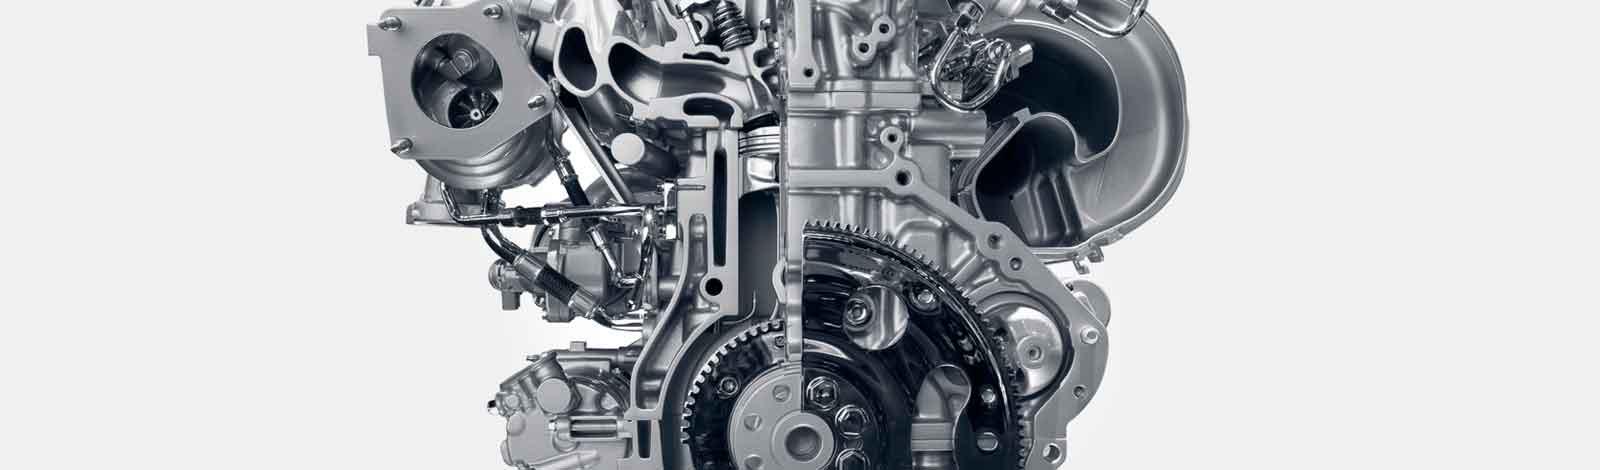 Autofficina: interventi su motore, parti elettriche ed elettronica - Carrozzeria Crippa